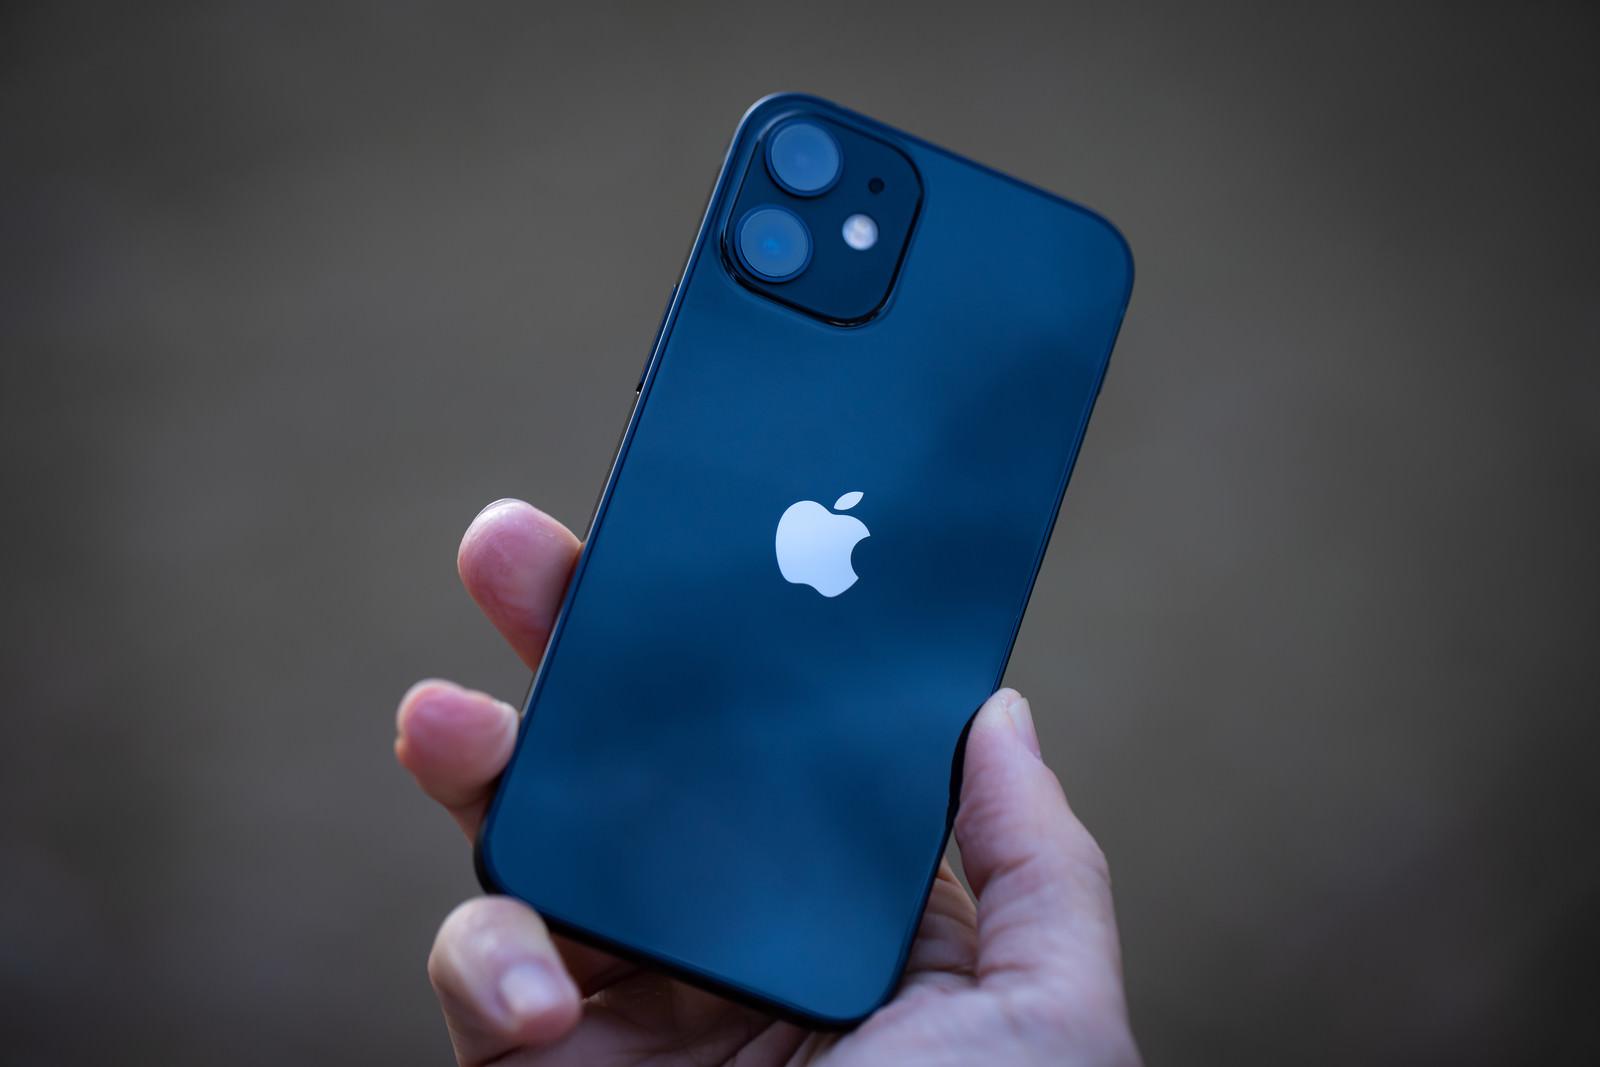 「うっすらと空が映り込む iPhone 12 の背面部分」の写真